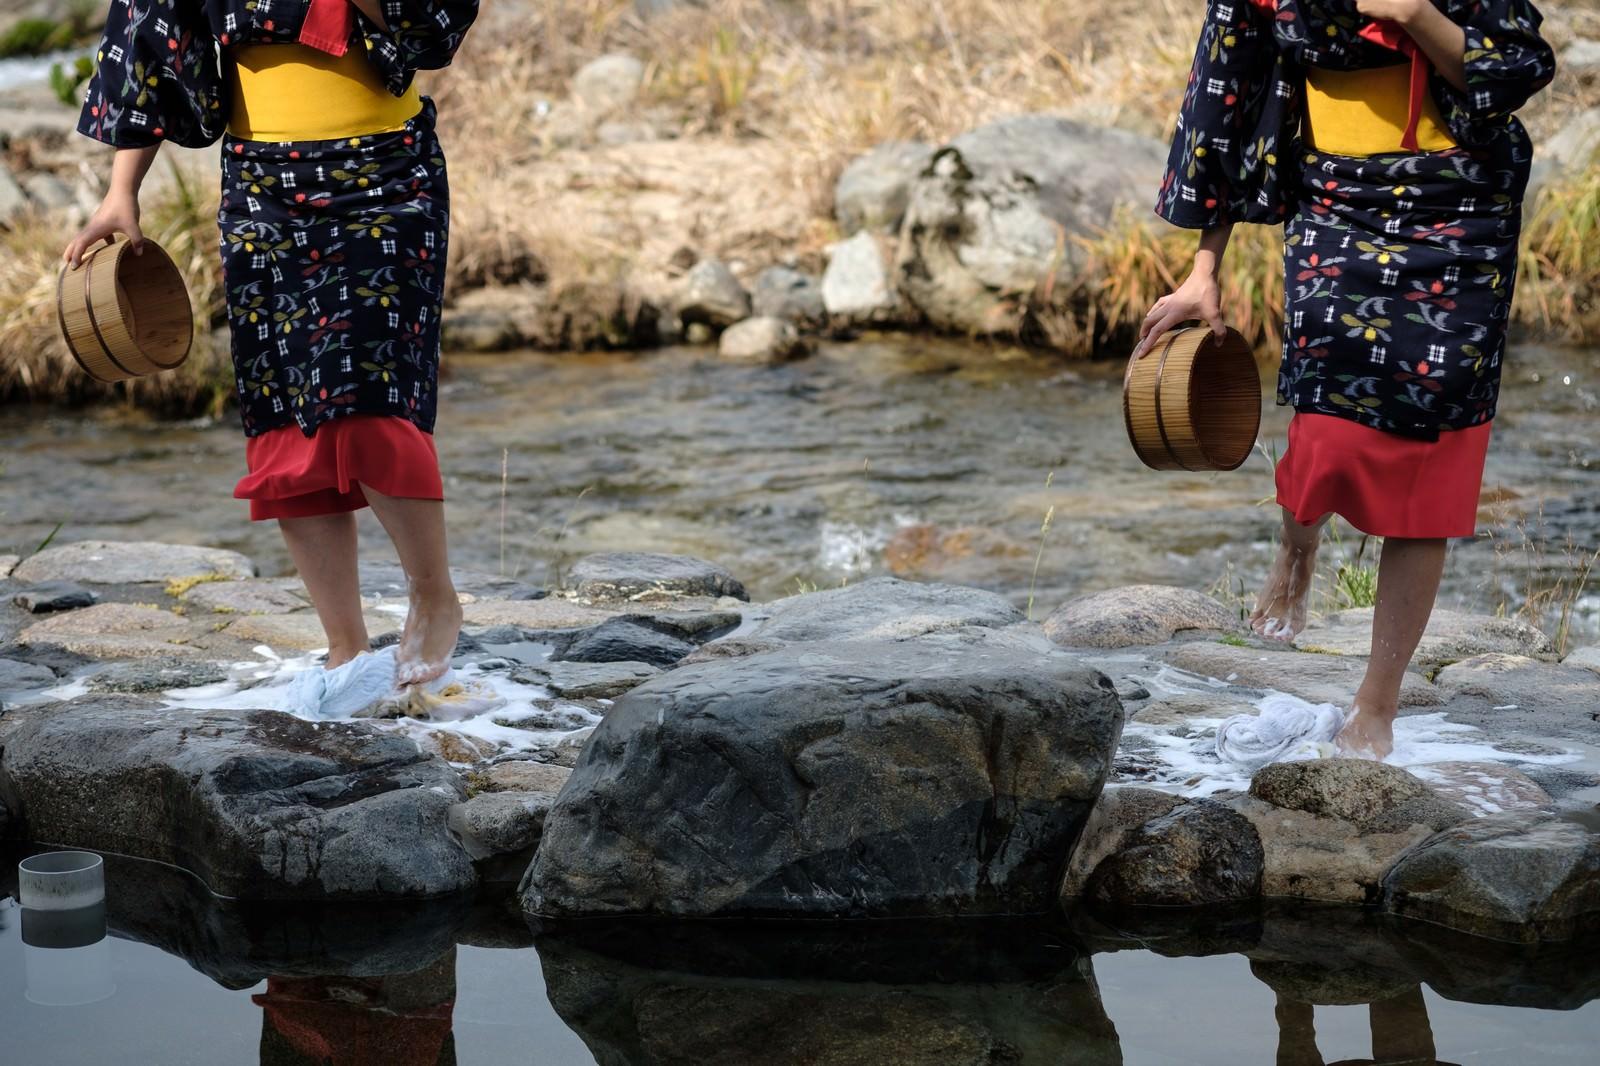 「音楽に合わせリズミカルに踊るように踏む(鏡野町の足踏み洗濯)」の写真